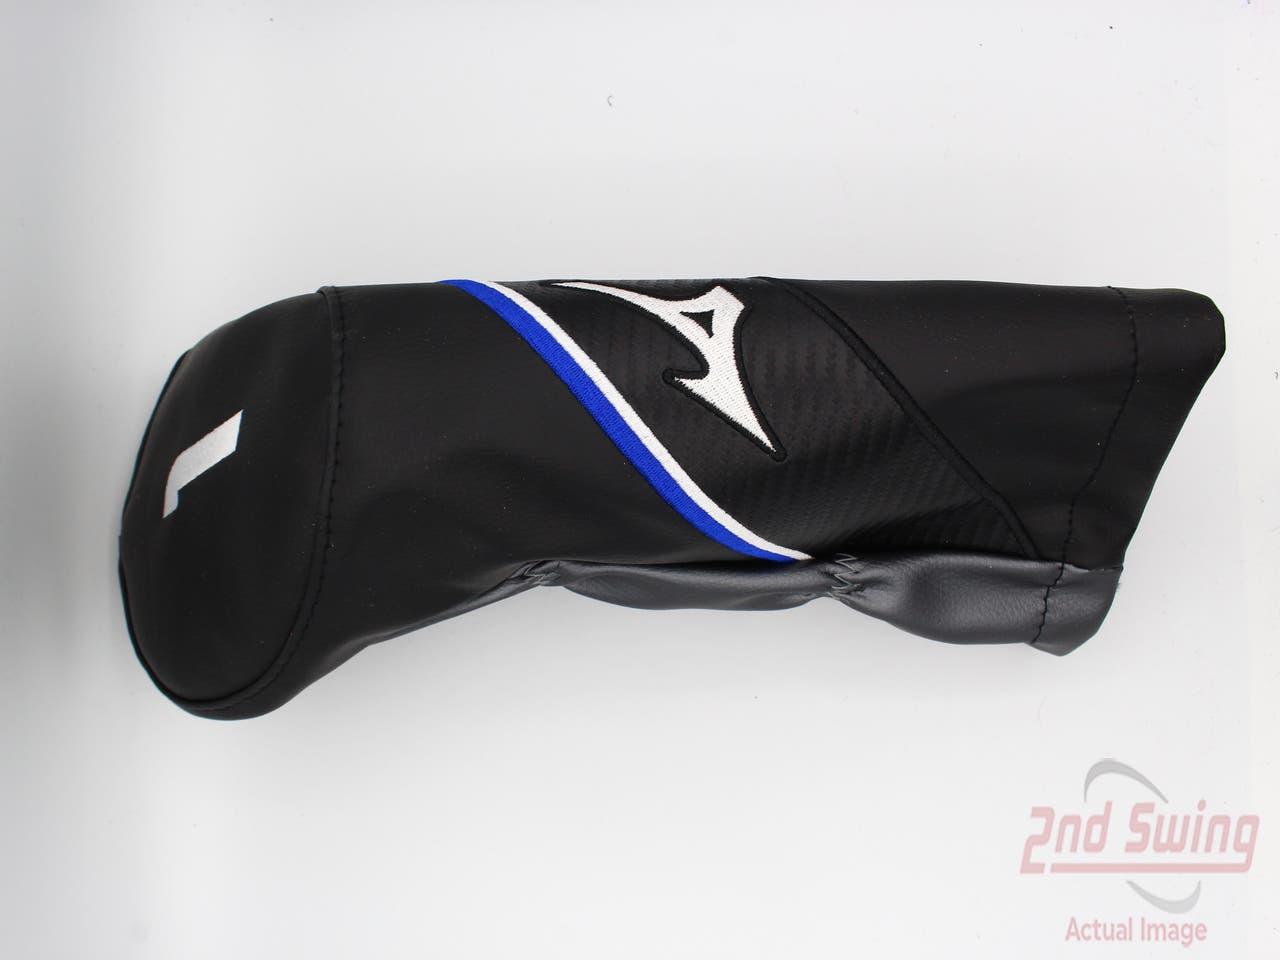 Mizuno ST190 Driver Headcover Black/Silver/Blue